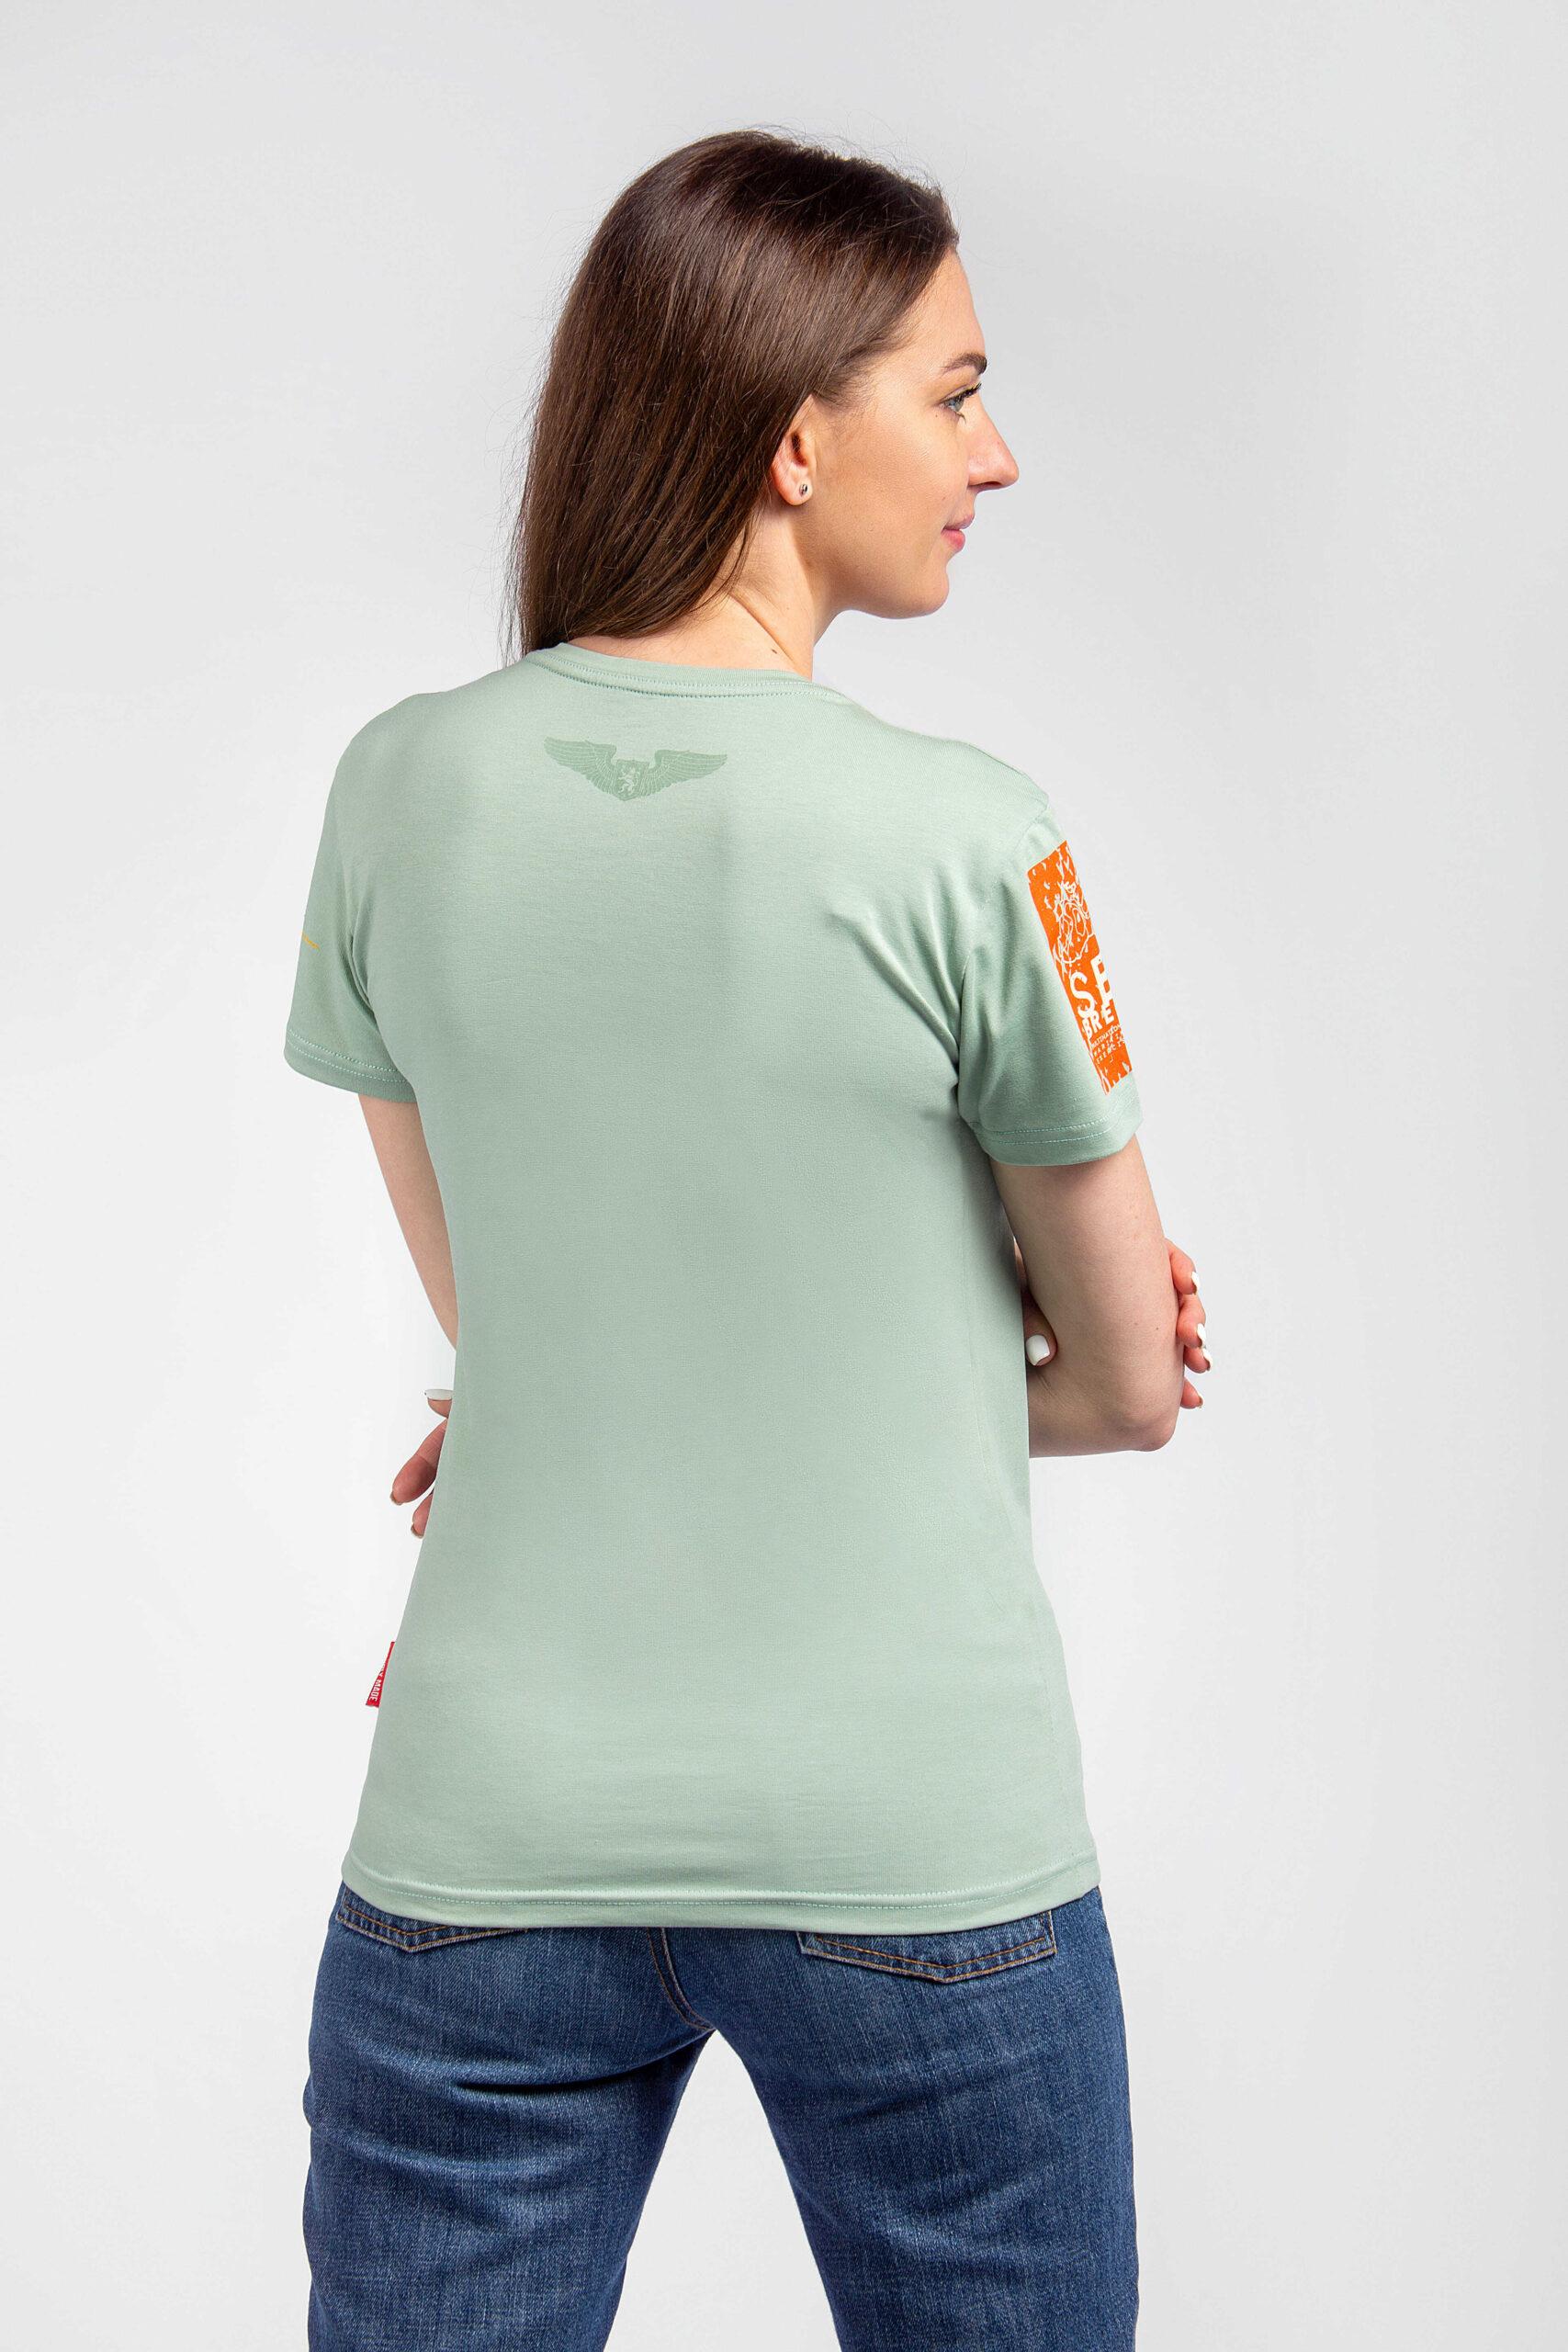 Жіноча Футболка Захисники Морів. Колір м'ятний.  Не варто переживати за універсальний розмір.